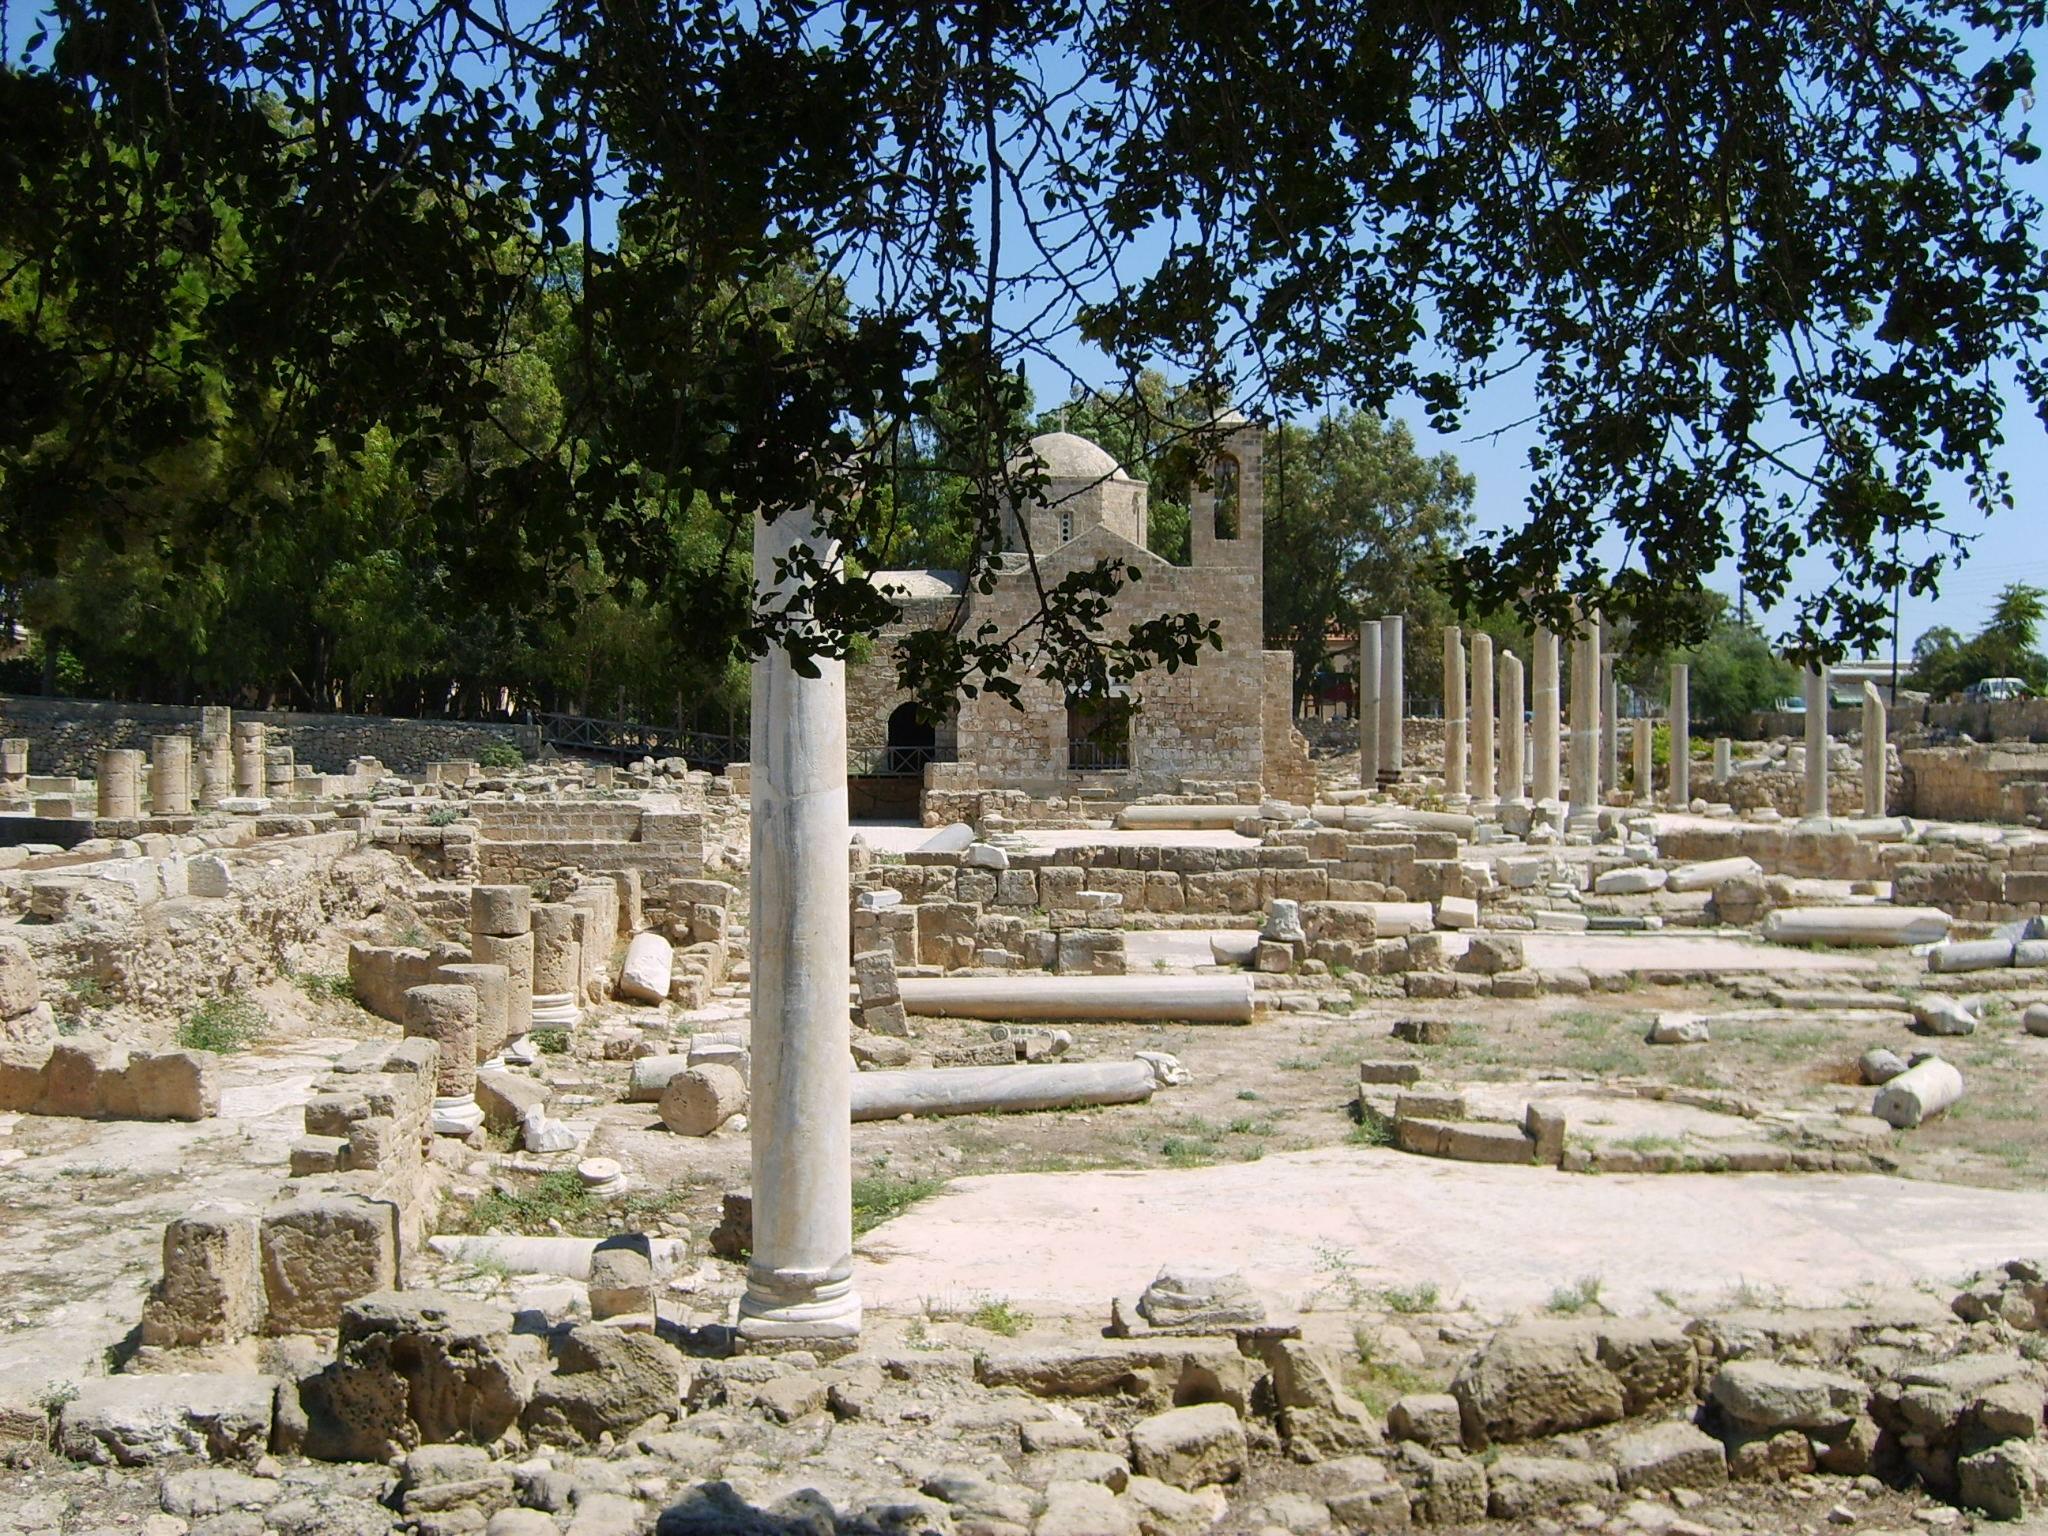 Kato-páfoszi Régészeti Park Cipruson  - ásatási terület római kori villák maradványaival és mozaikokkal, Világörökségi védelem alatt álló terület.